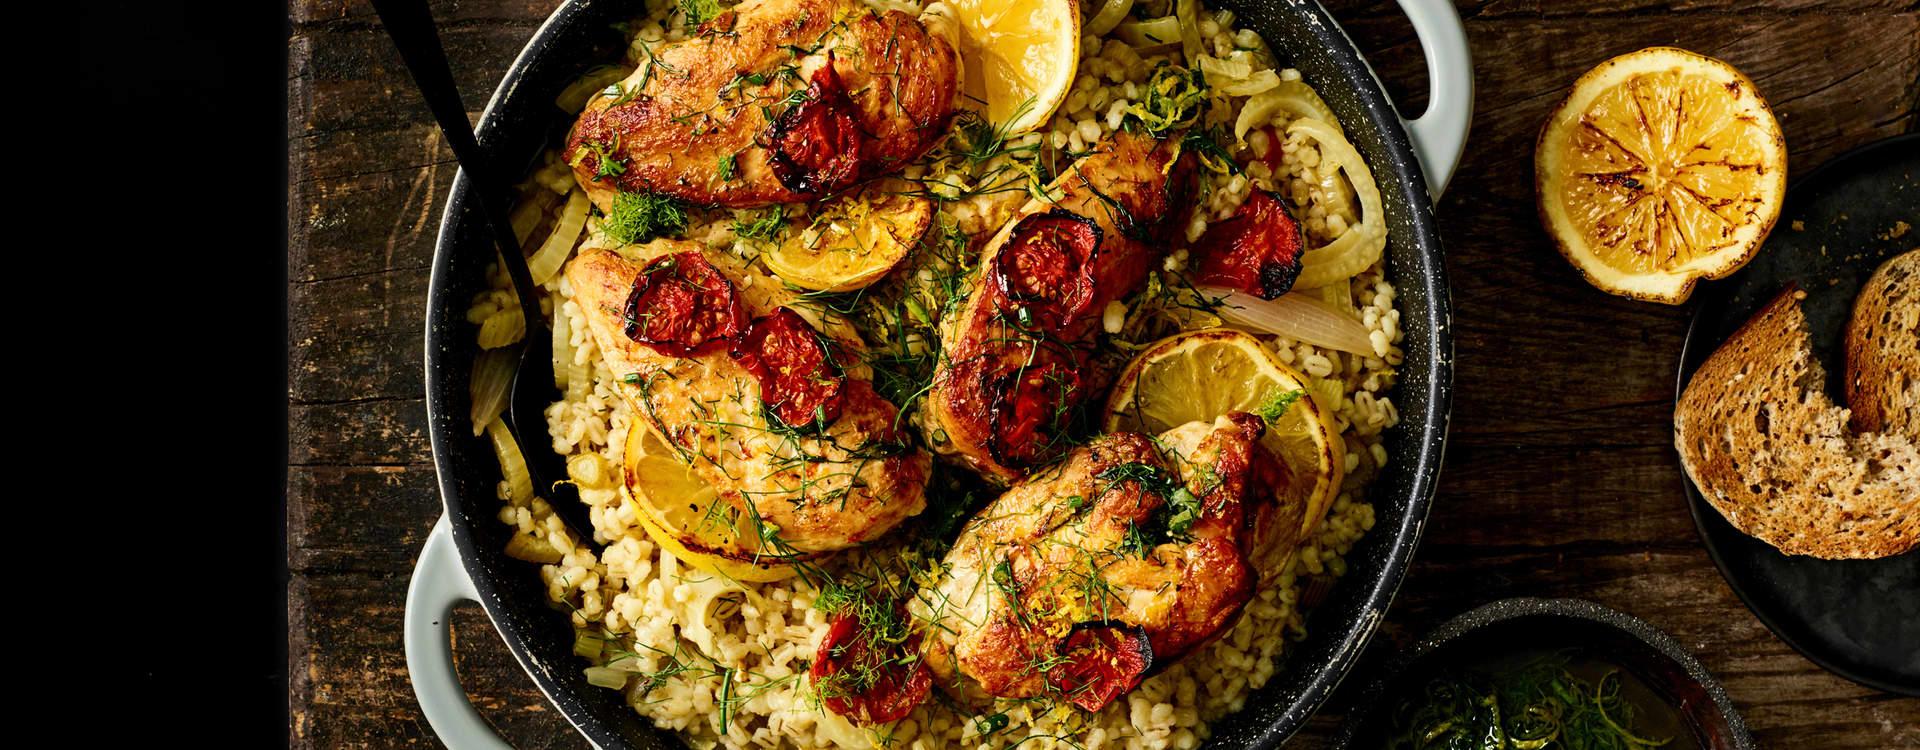 Kyllinggryte med fennikel, tomater og byggryn